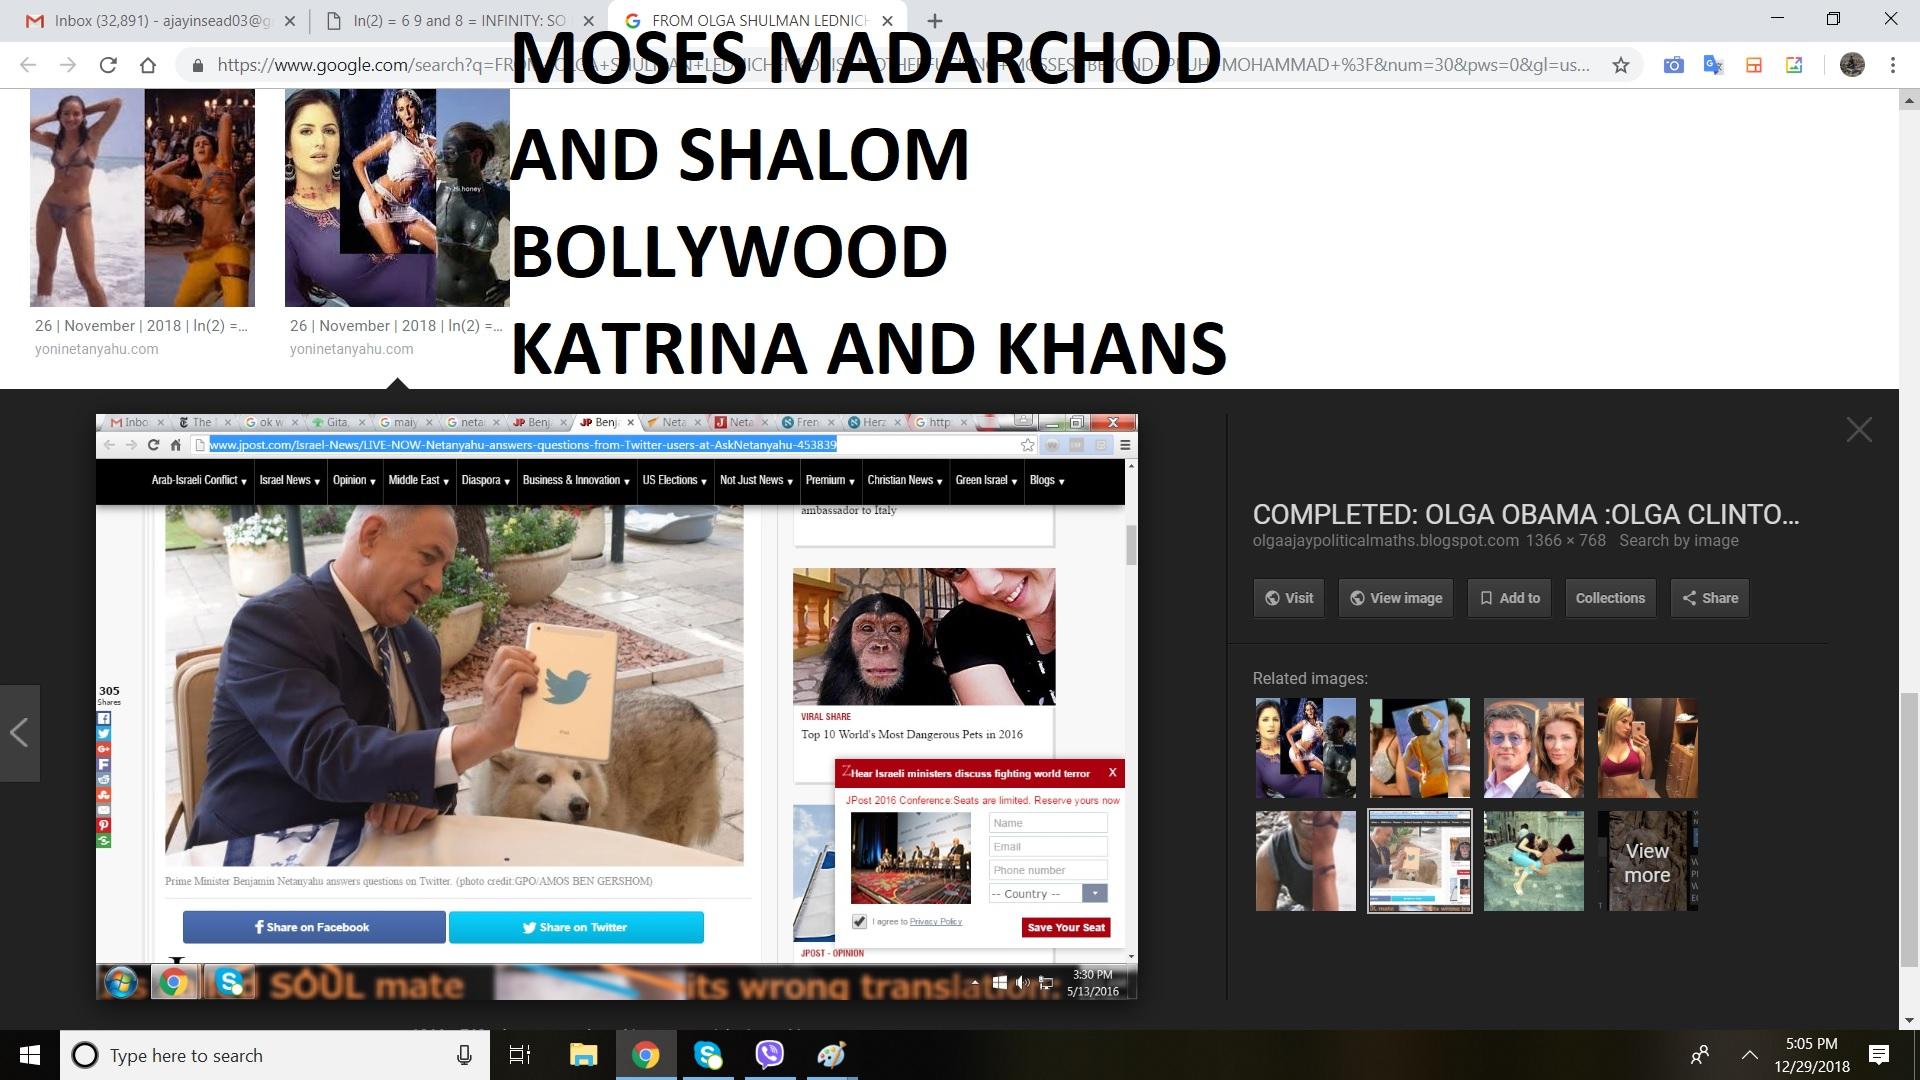 MOSES MADARCHOD AND SHALOM BOLLYWOOD KATRINA AND KHANS